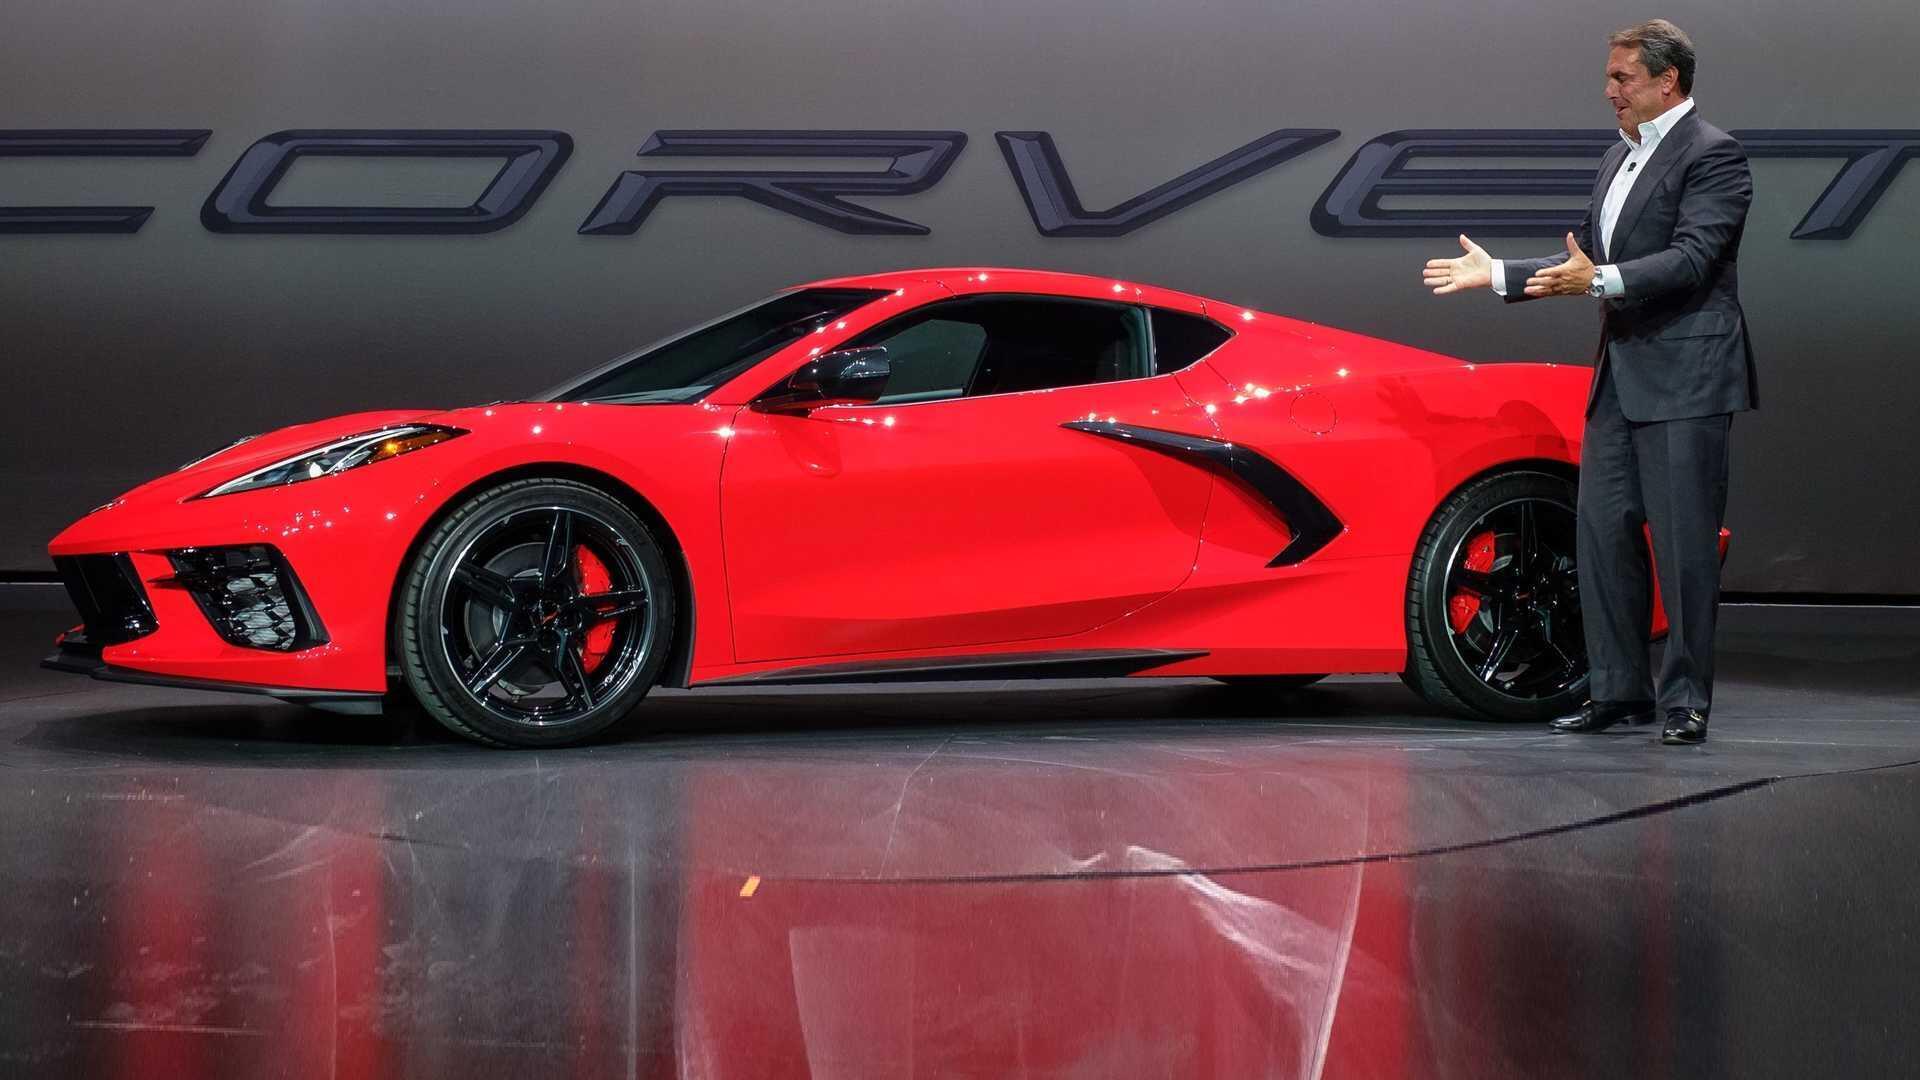 https://cdn.dailyxe.com.vn/image/chevrolet-corvette-2020-co-mot-so-tinh-nang-an-tuyet-voi-12-94525j2.jpg